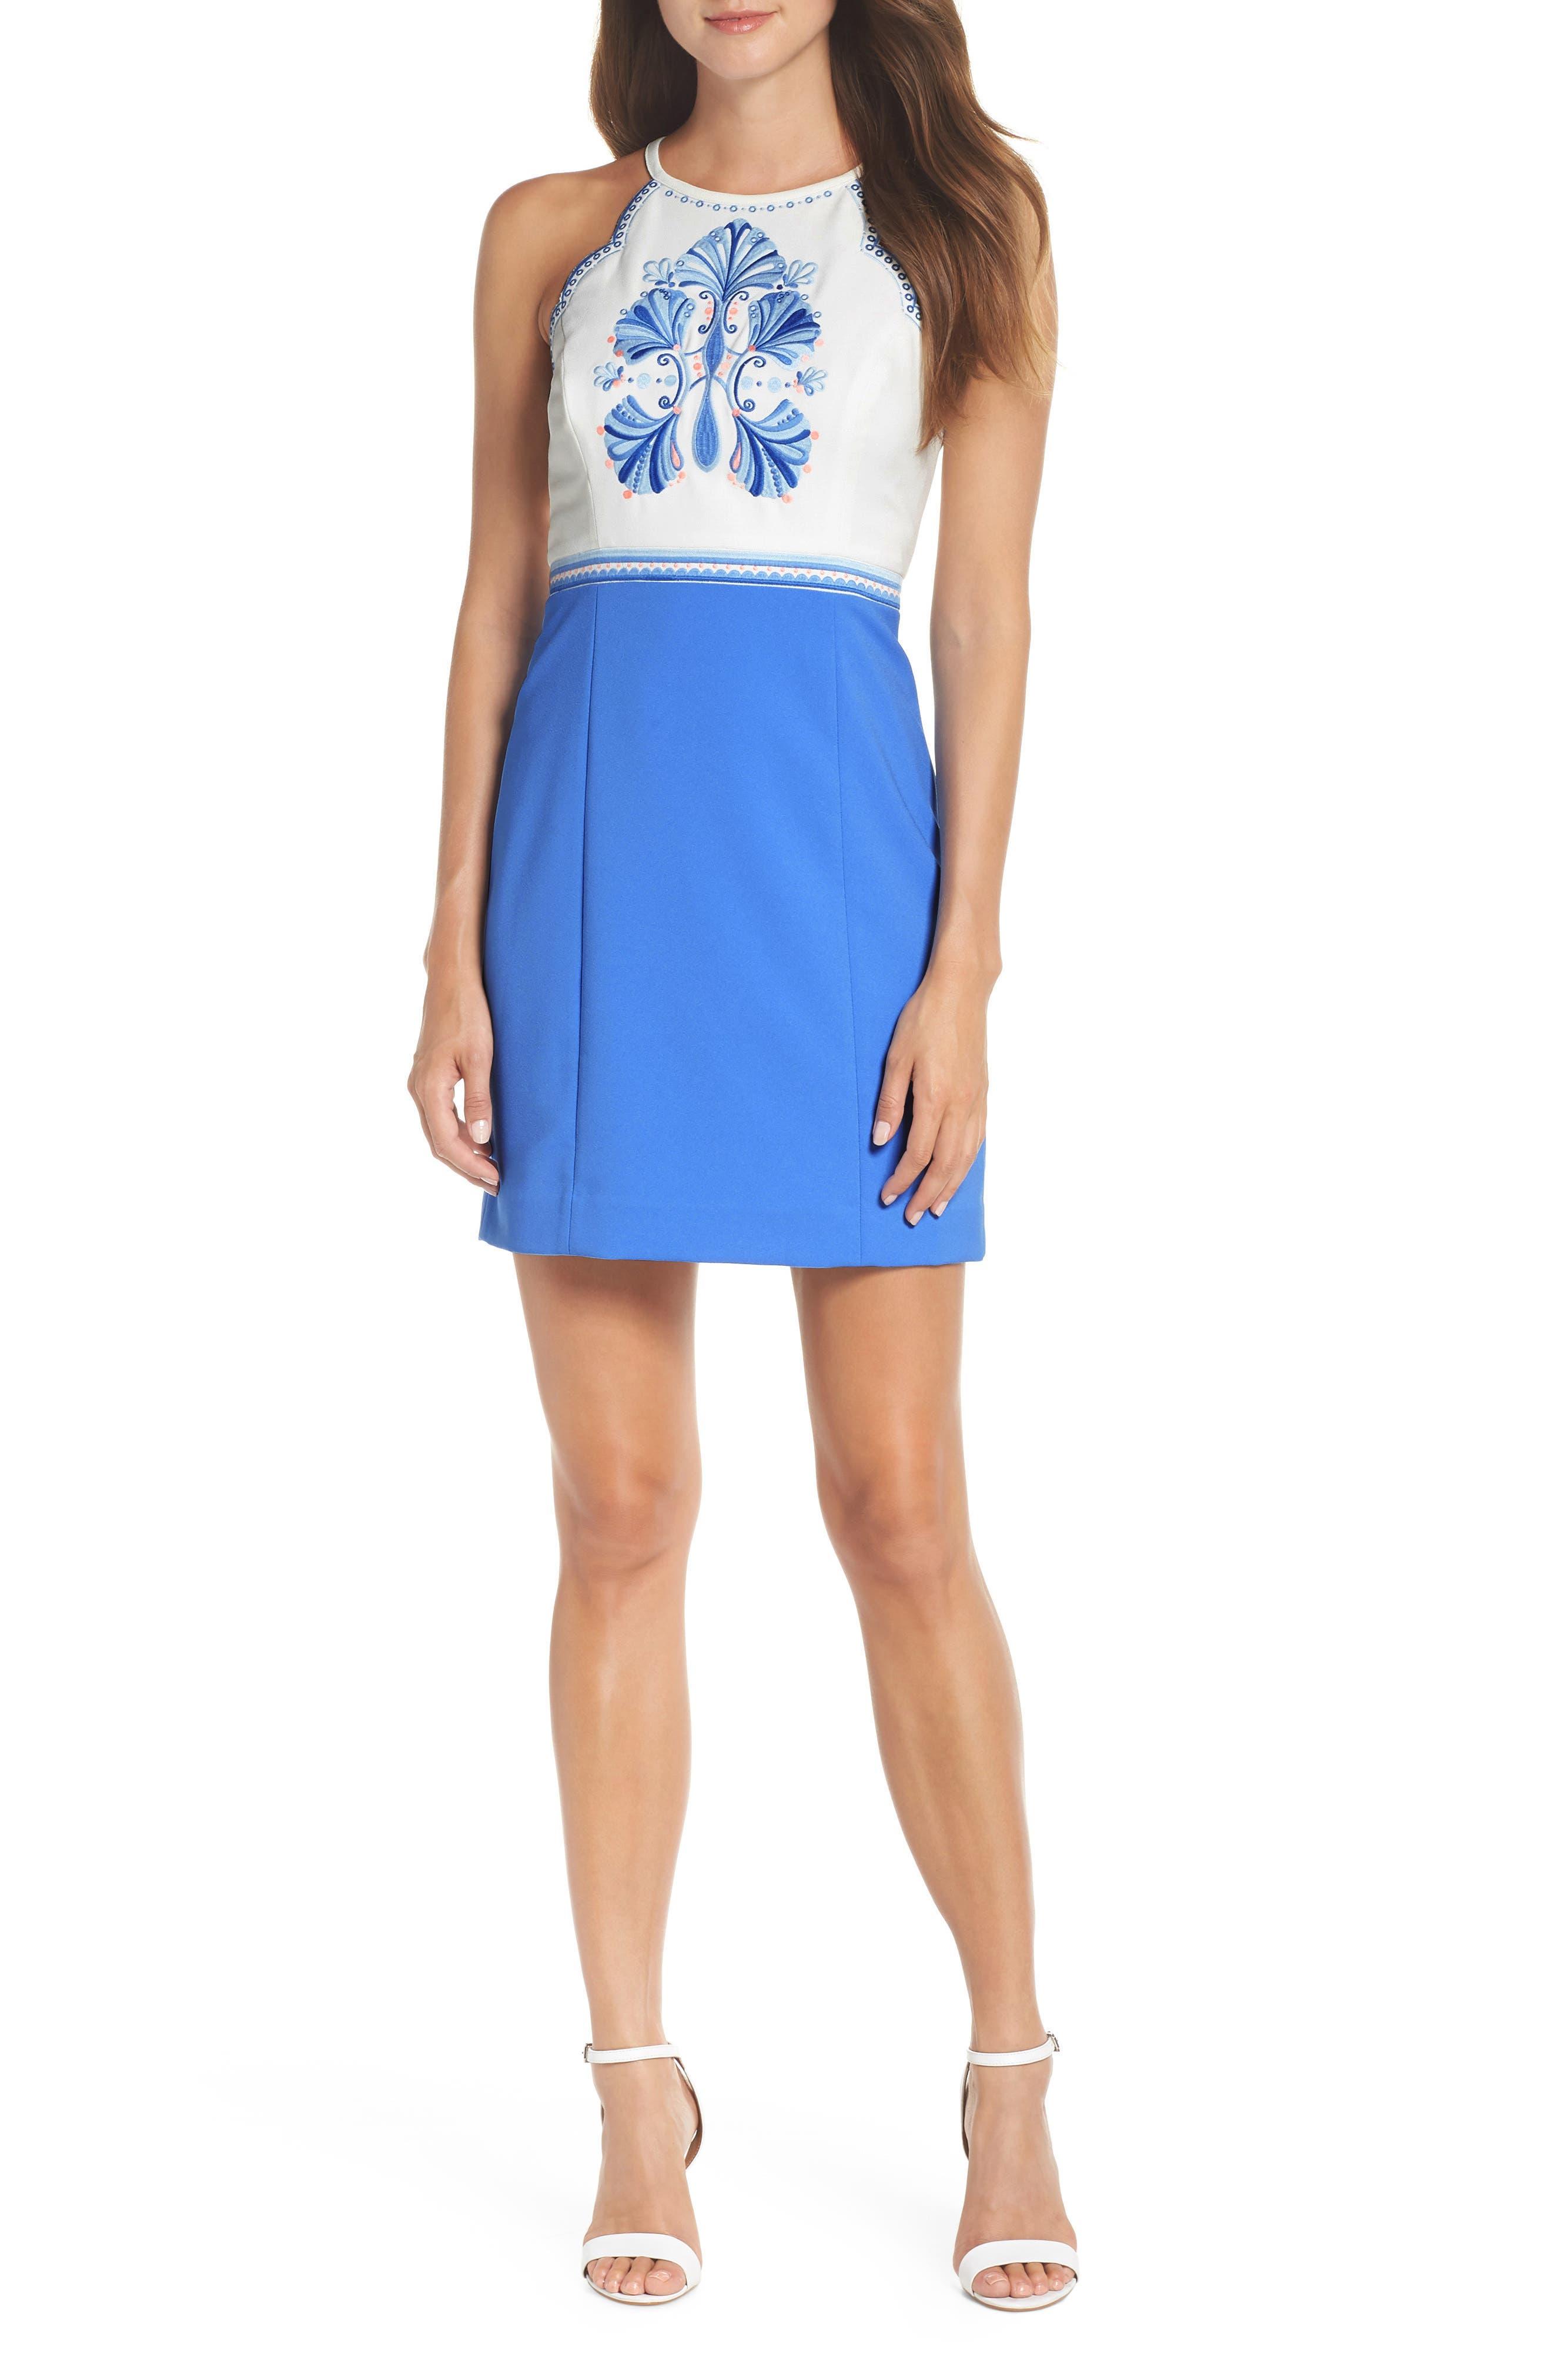 Lilly Pulitzer Adalie Sheath Dress